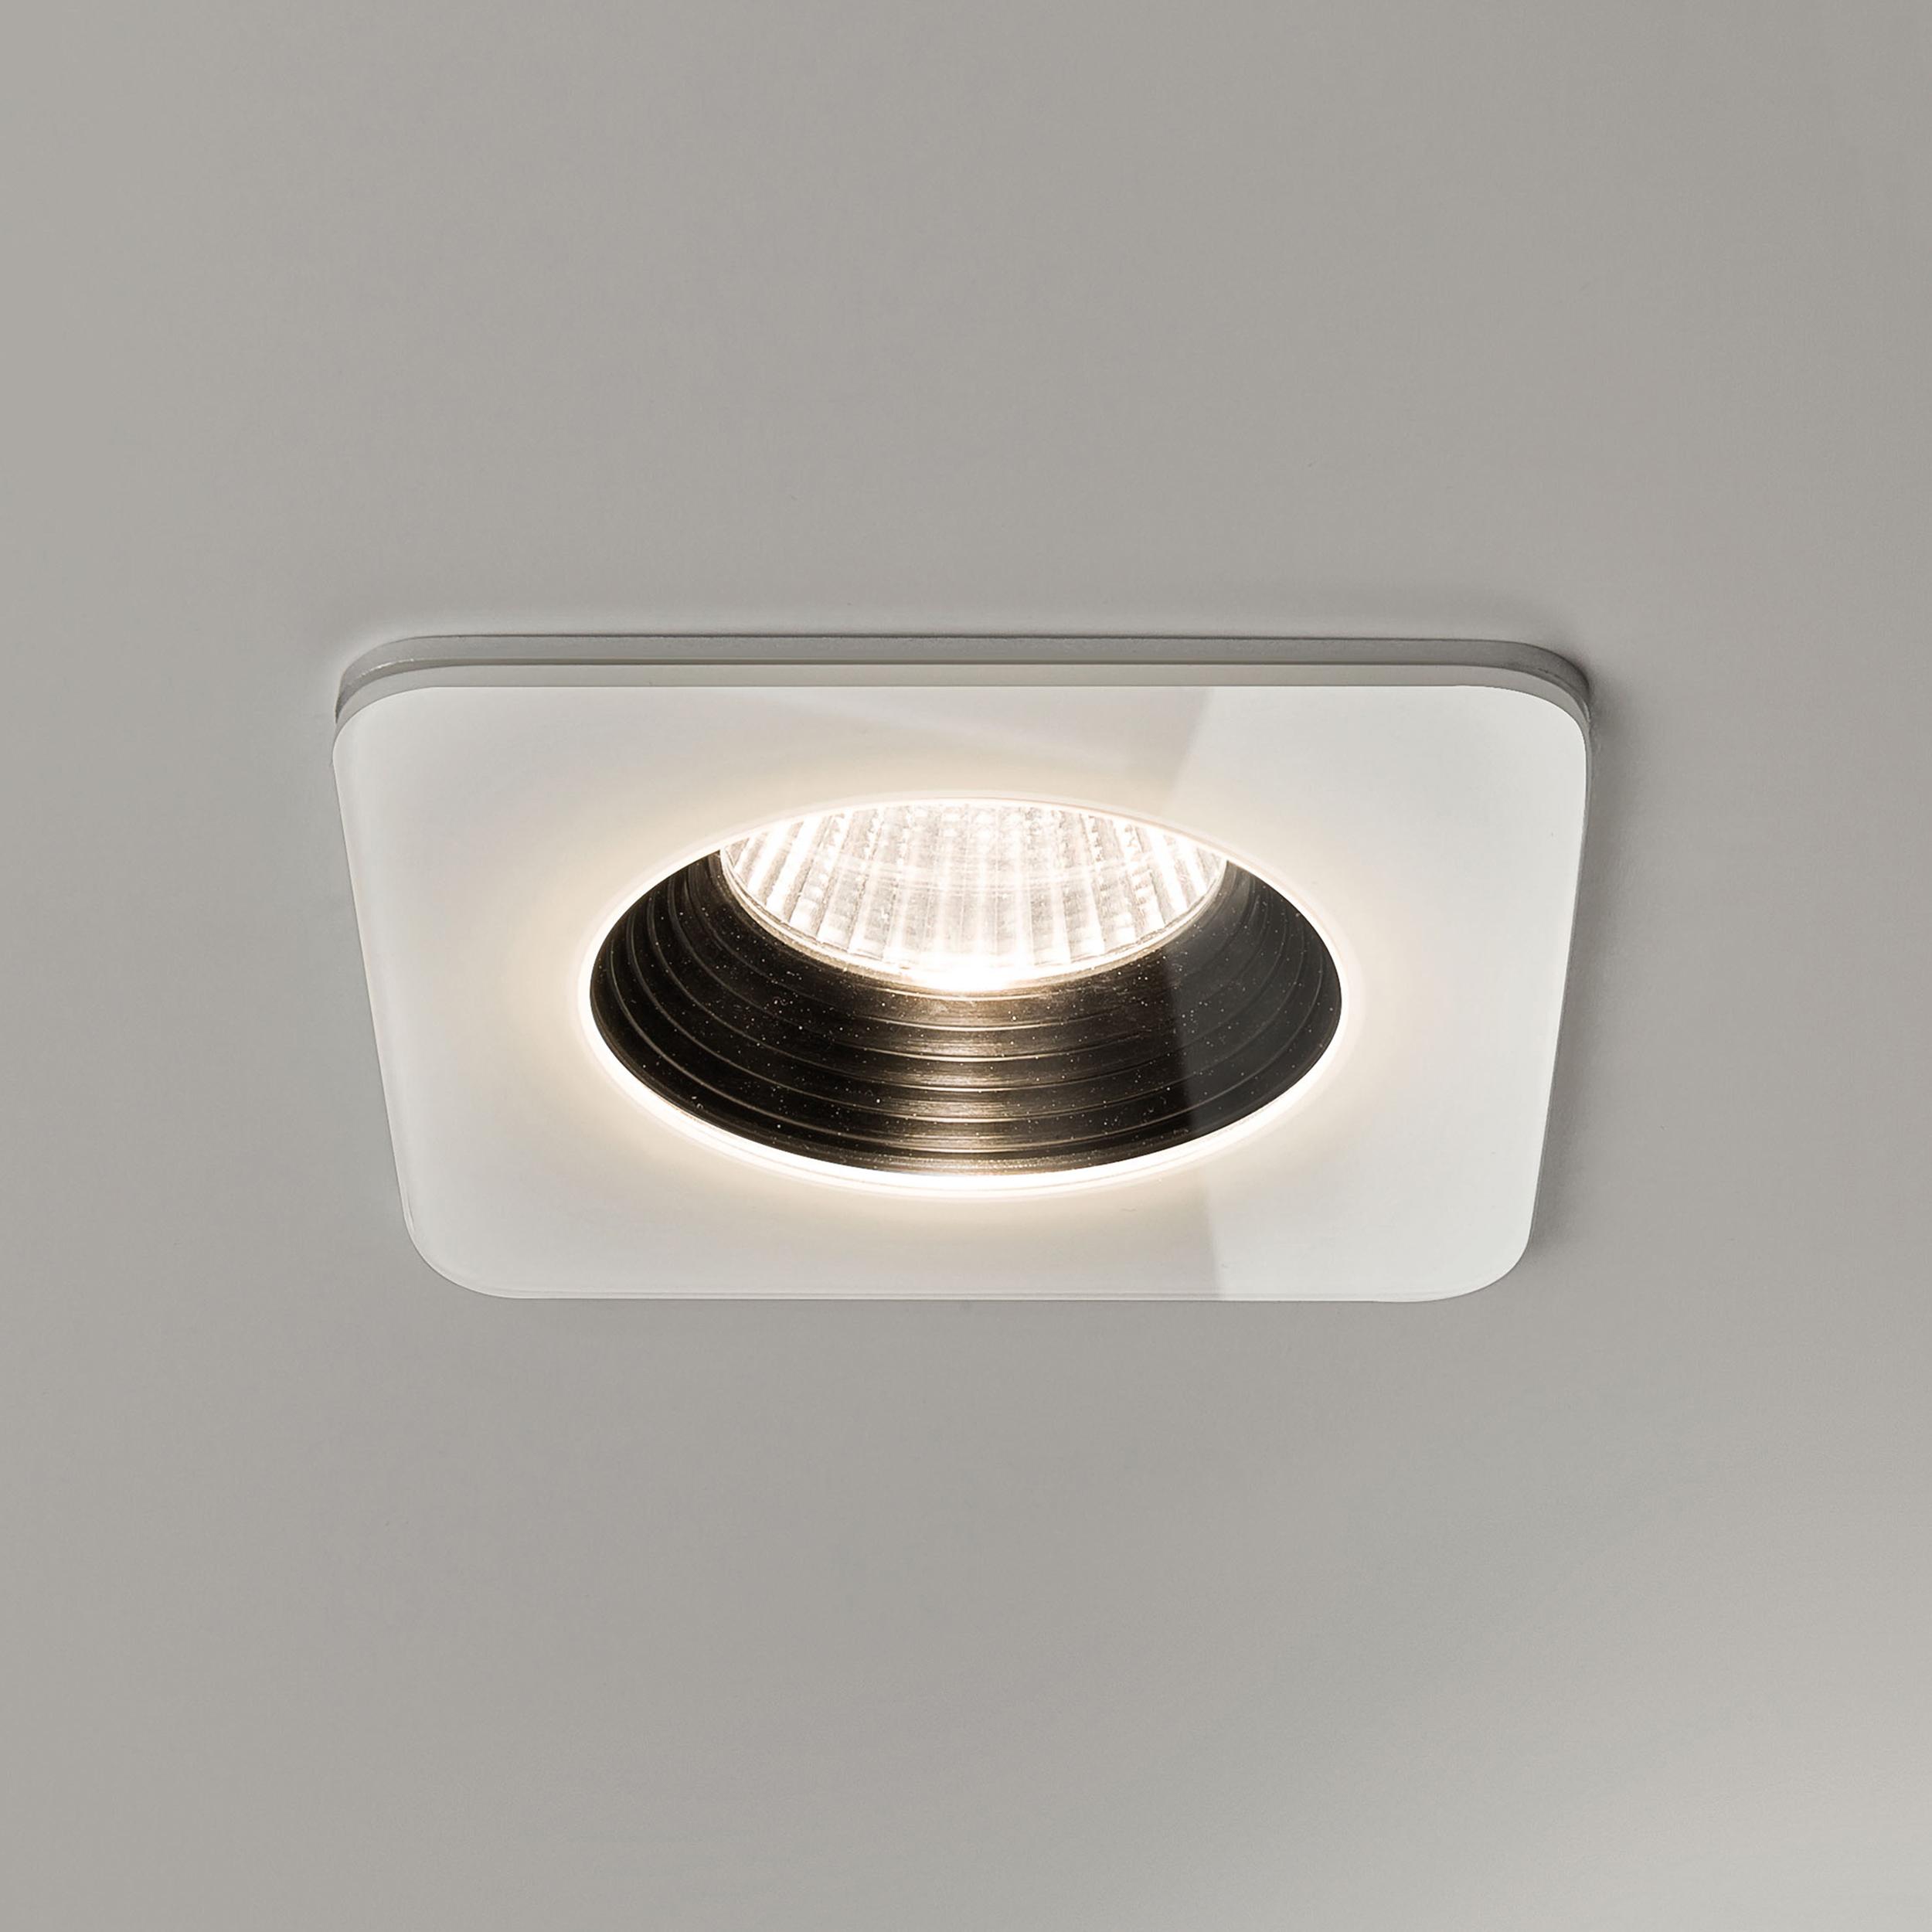 Встраиваемый светодиодный светильник Astro Vetro 1254007 (5731), IP65, LED 6W 2700K 594lm CRI80, белый, черно-белый, стекло - фото 1